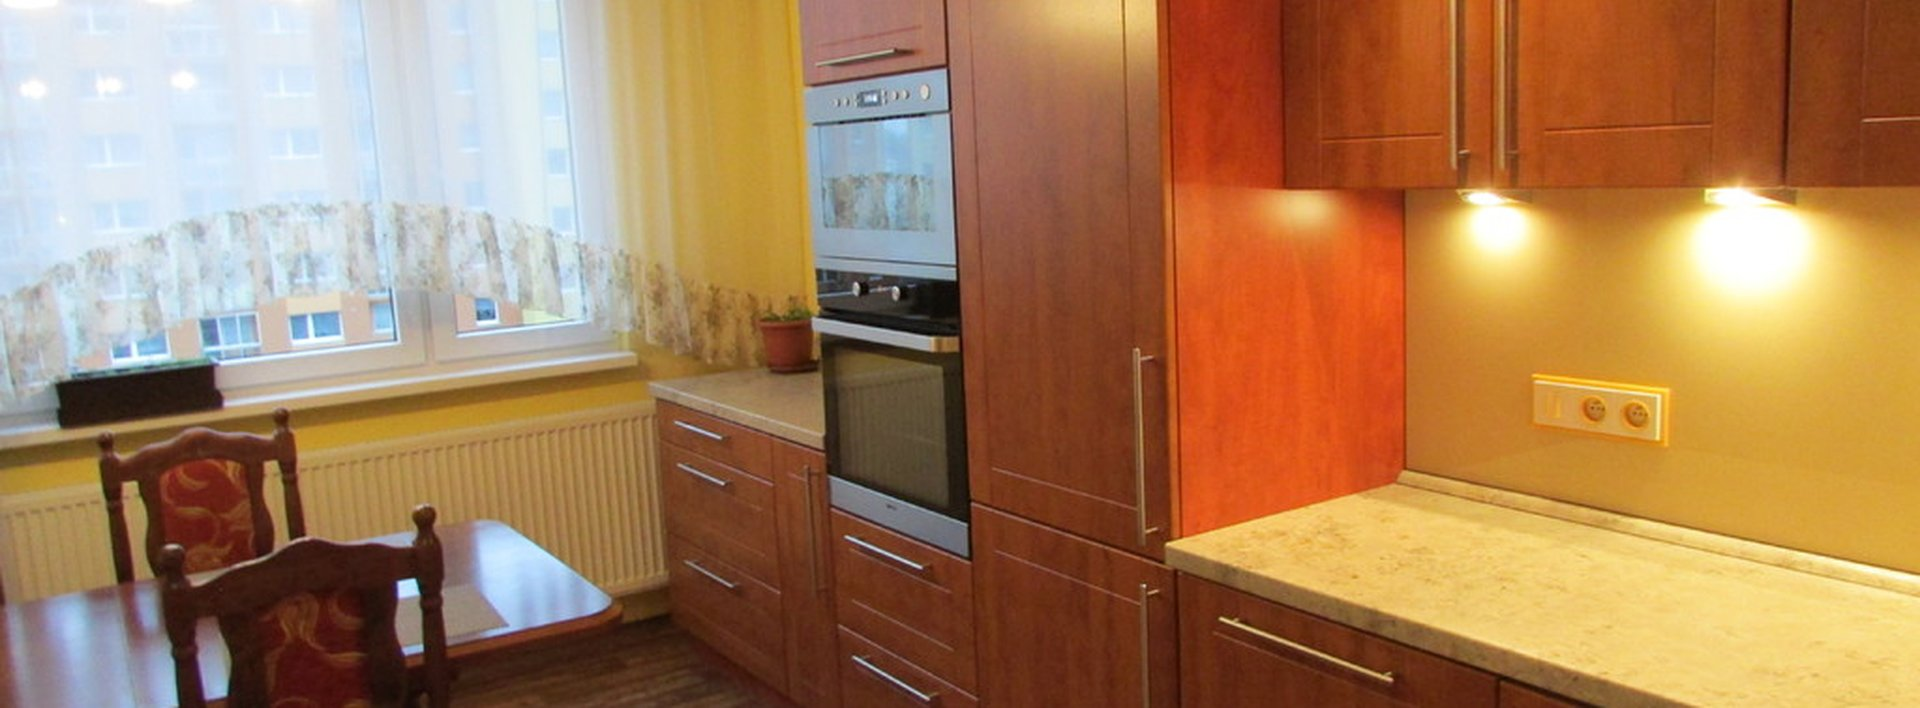 Prodej bytu 3+1 s francouzským oknem do lodžie, 75 m², Liberec, Ev.č.: N47641